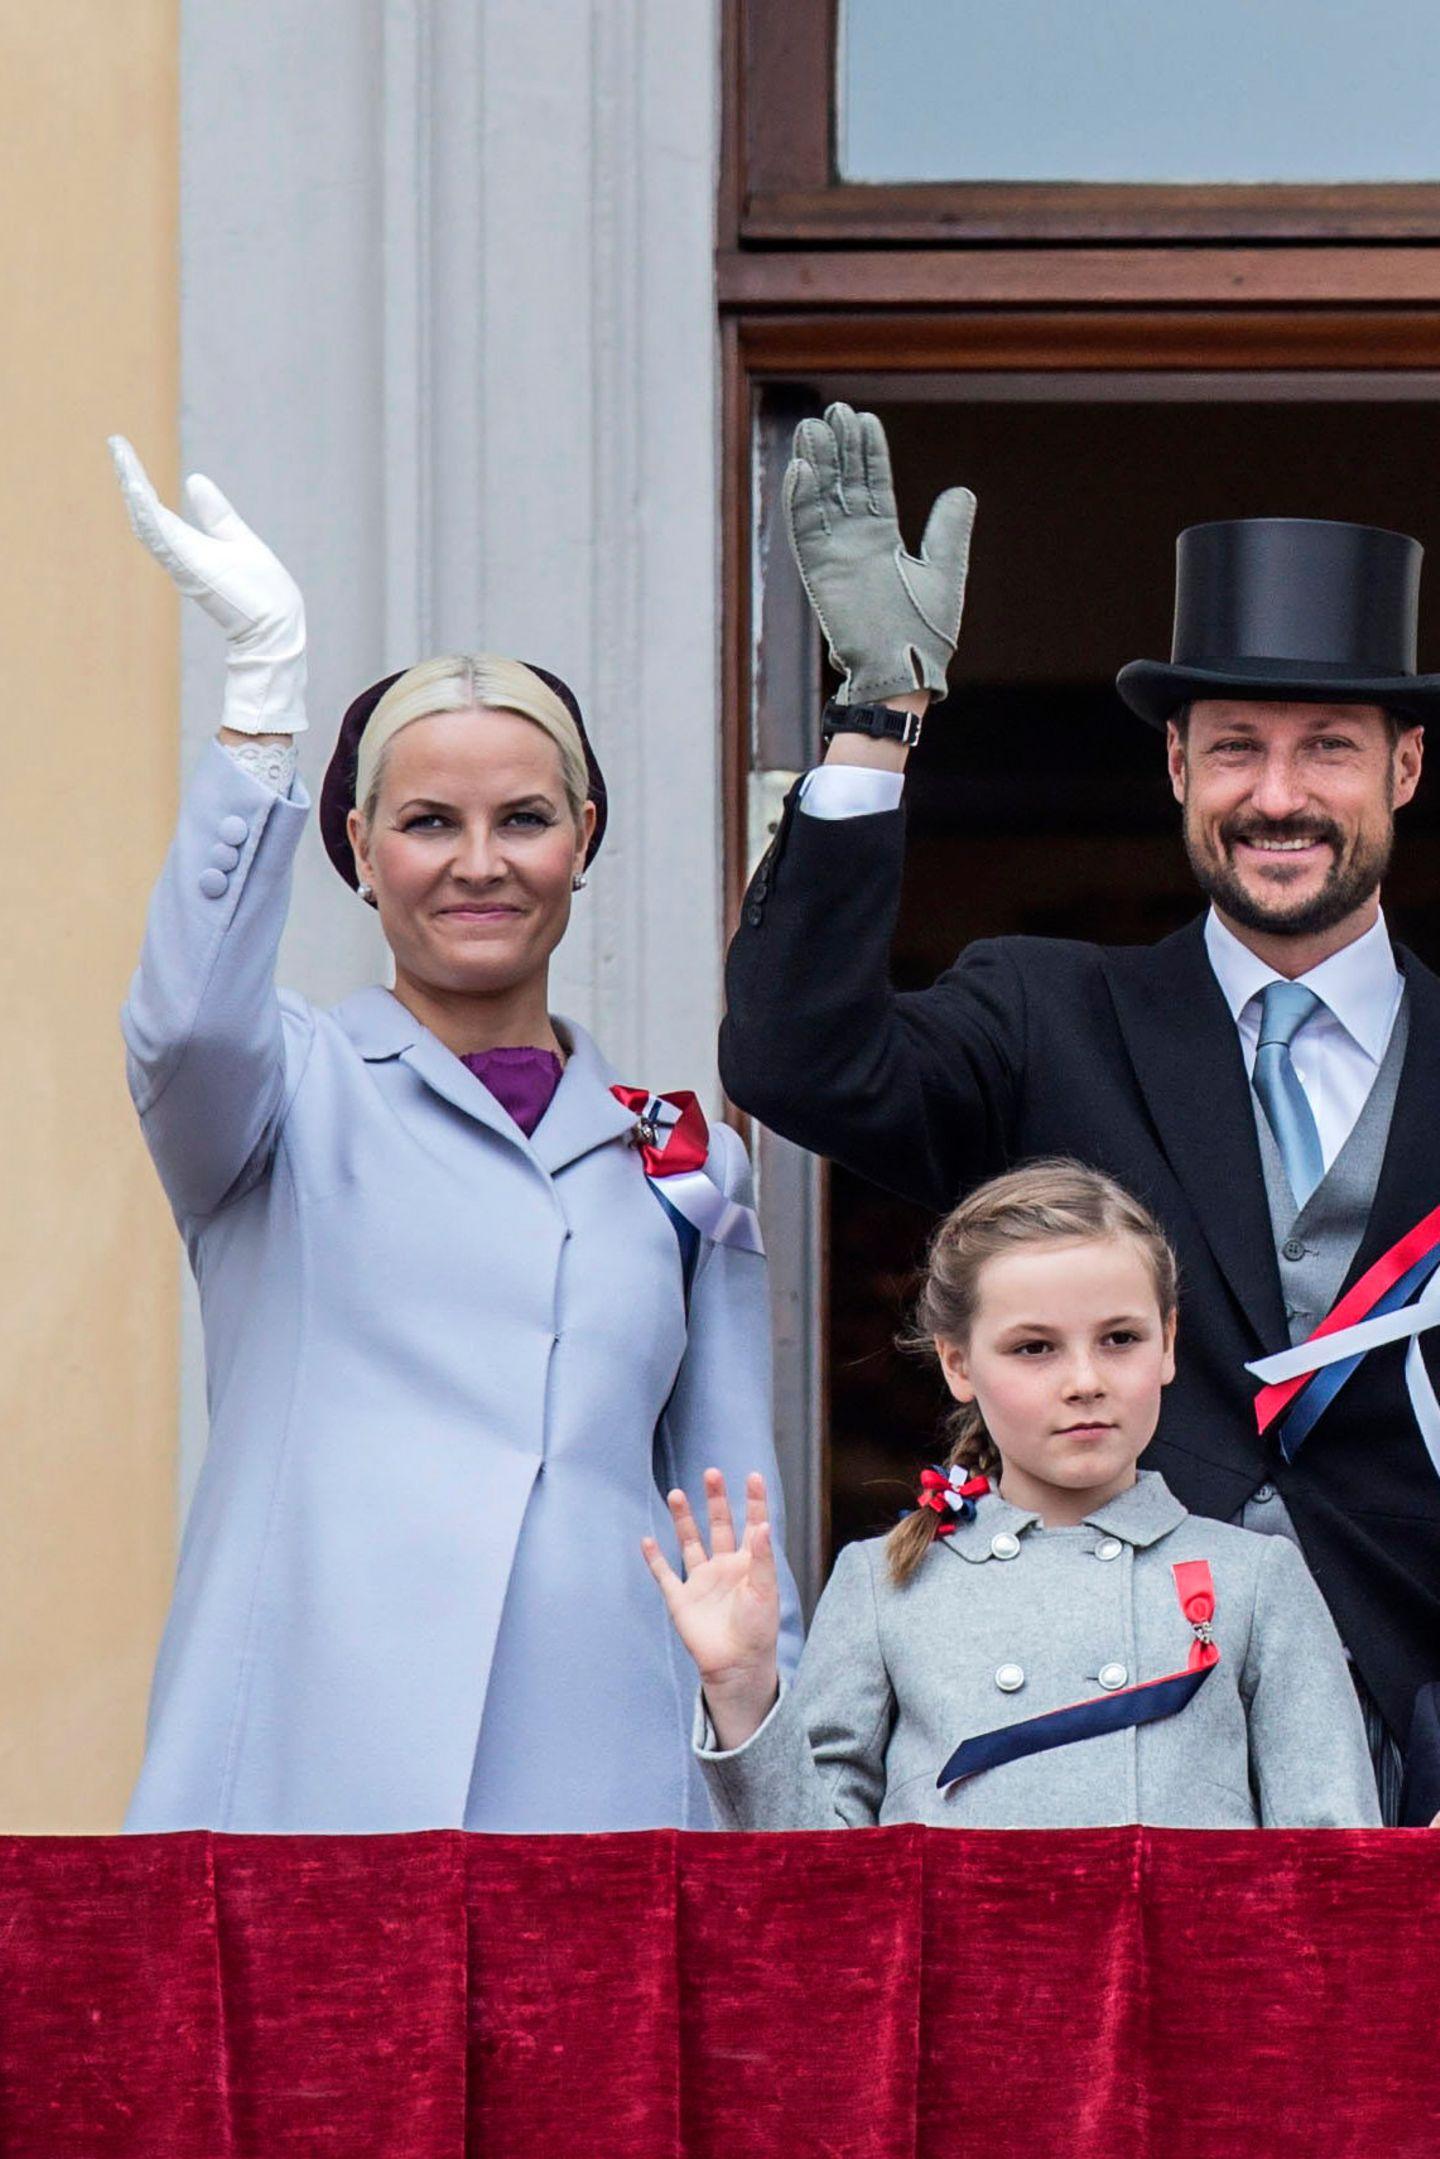 Genau sechs Jahre zuvor hatte ihre Mutter, Kronprinzessin Mette-Marit, den gleichen Mantel getragen. Scheint, als würde ihre 15-jährige Tochter Mette-Maritnicht nur immer ähnlicher werden, sondern ihrer Mama auch modisch nacheifern.